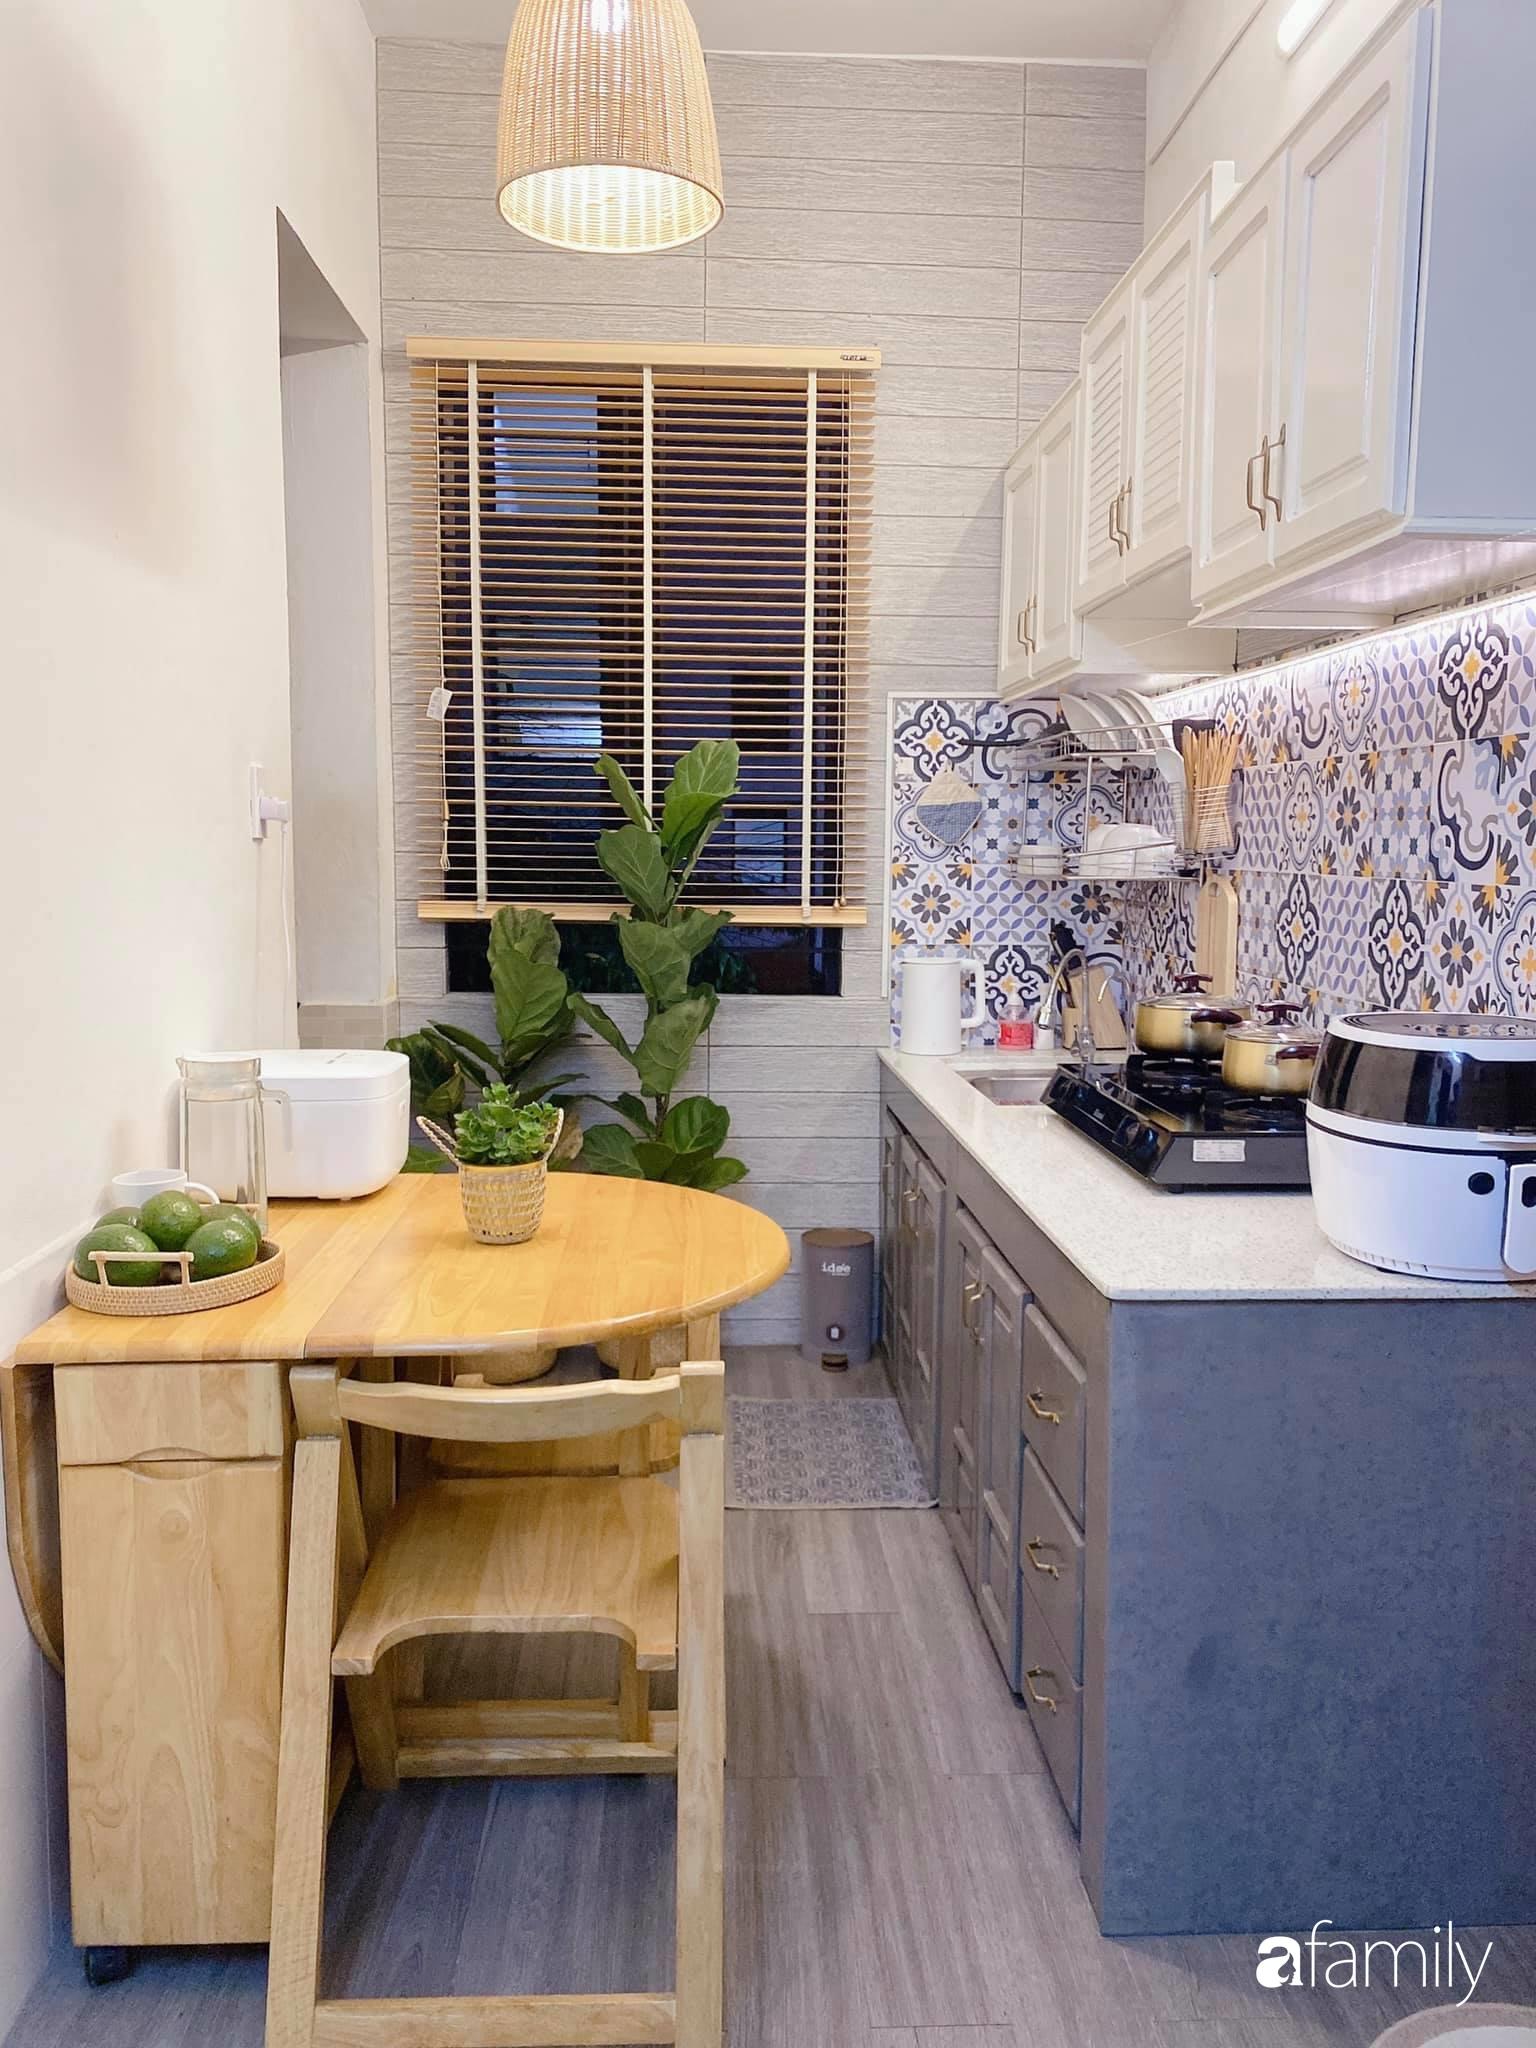 """Anh chồng chiều vợ """"thay áo mới"""" cho căn bếp cũ 6m² trở thành không gian đẹp miễn chê với chi phí chưa đến 3 triệu đồng ở Đà Nẵng - Ảnh 12."""